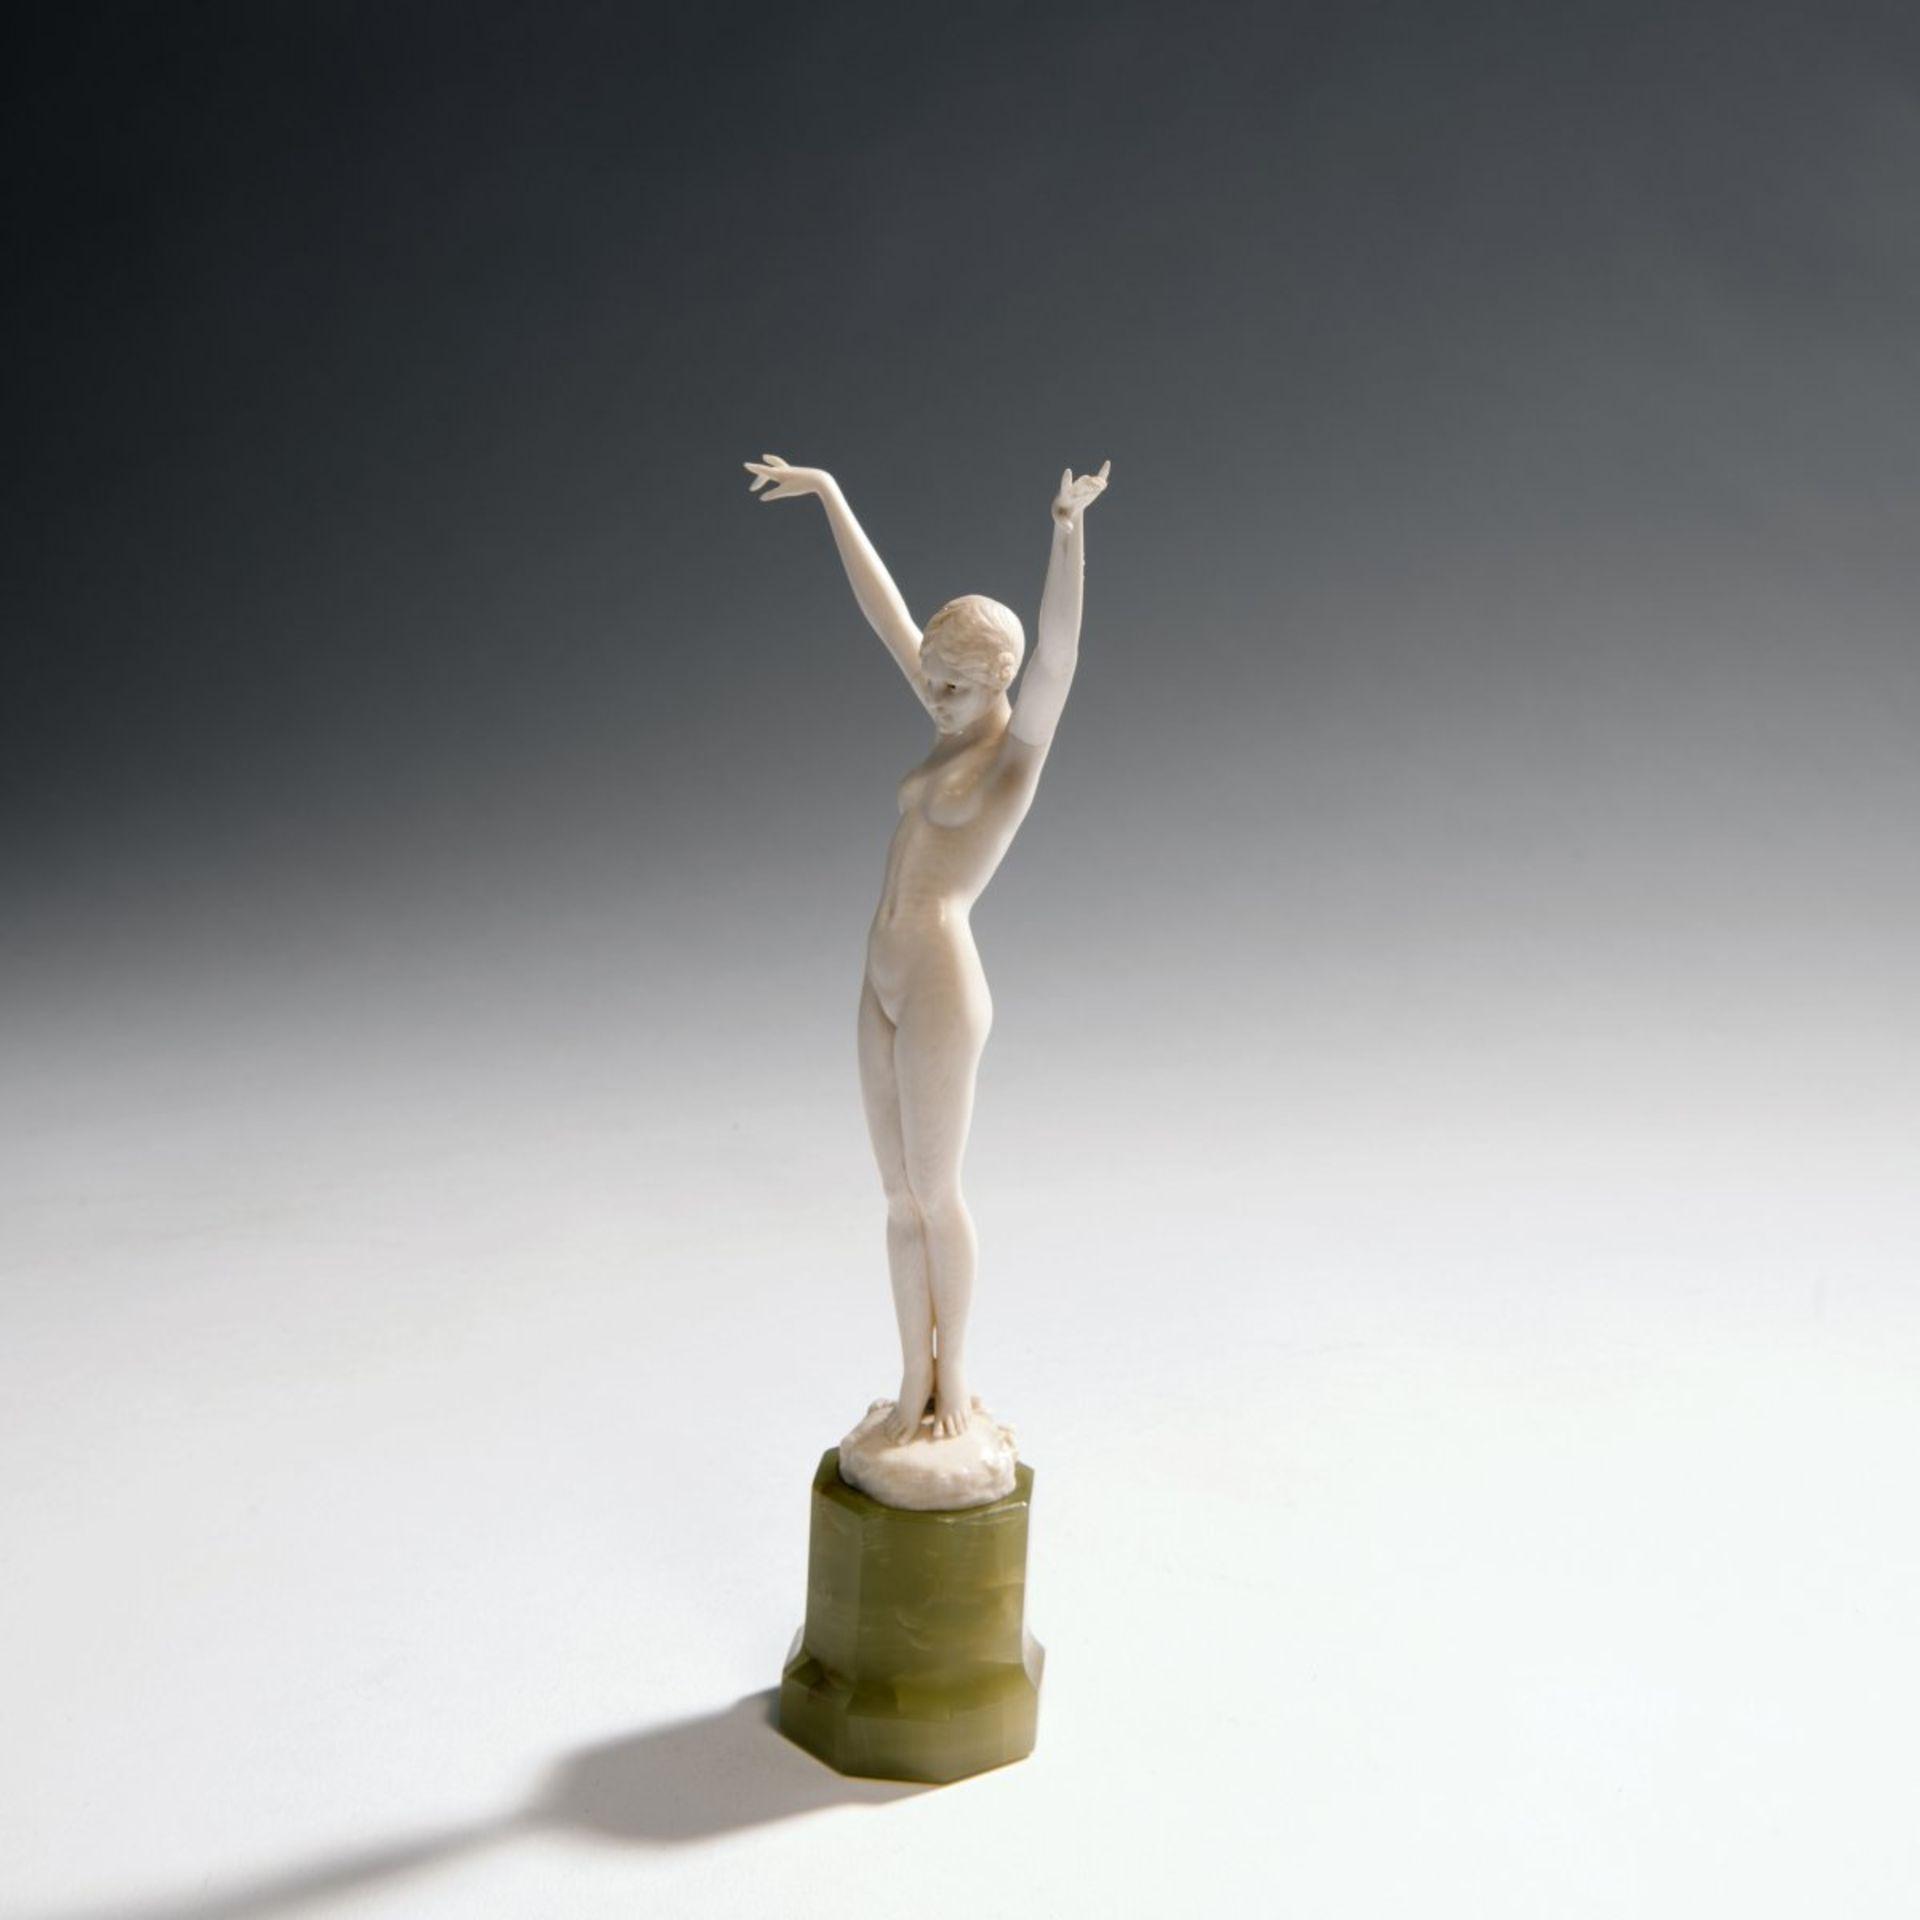 Ferdinand Preiss, 'Extase', nach 1913 - Bild 2 aus 6